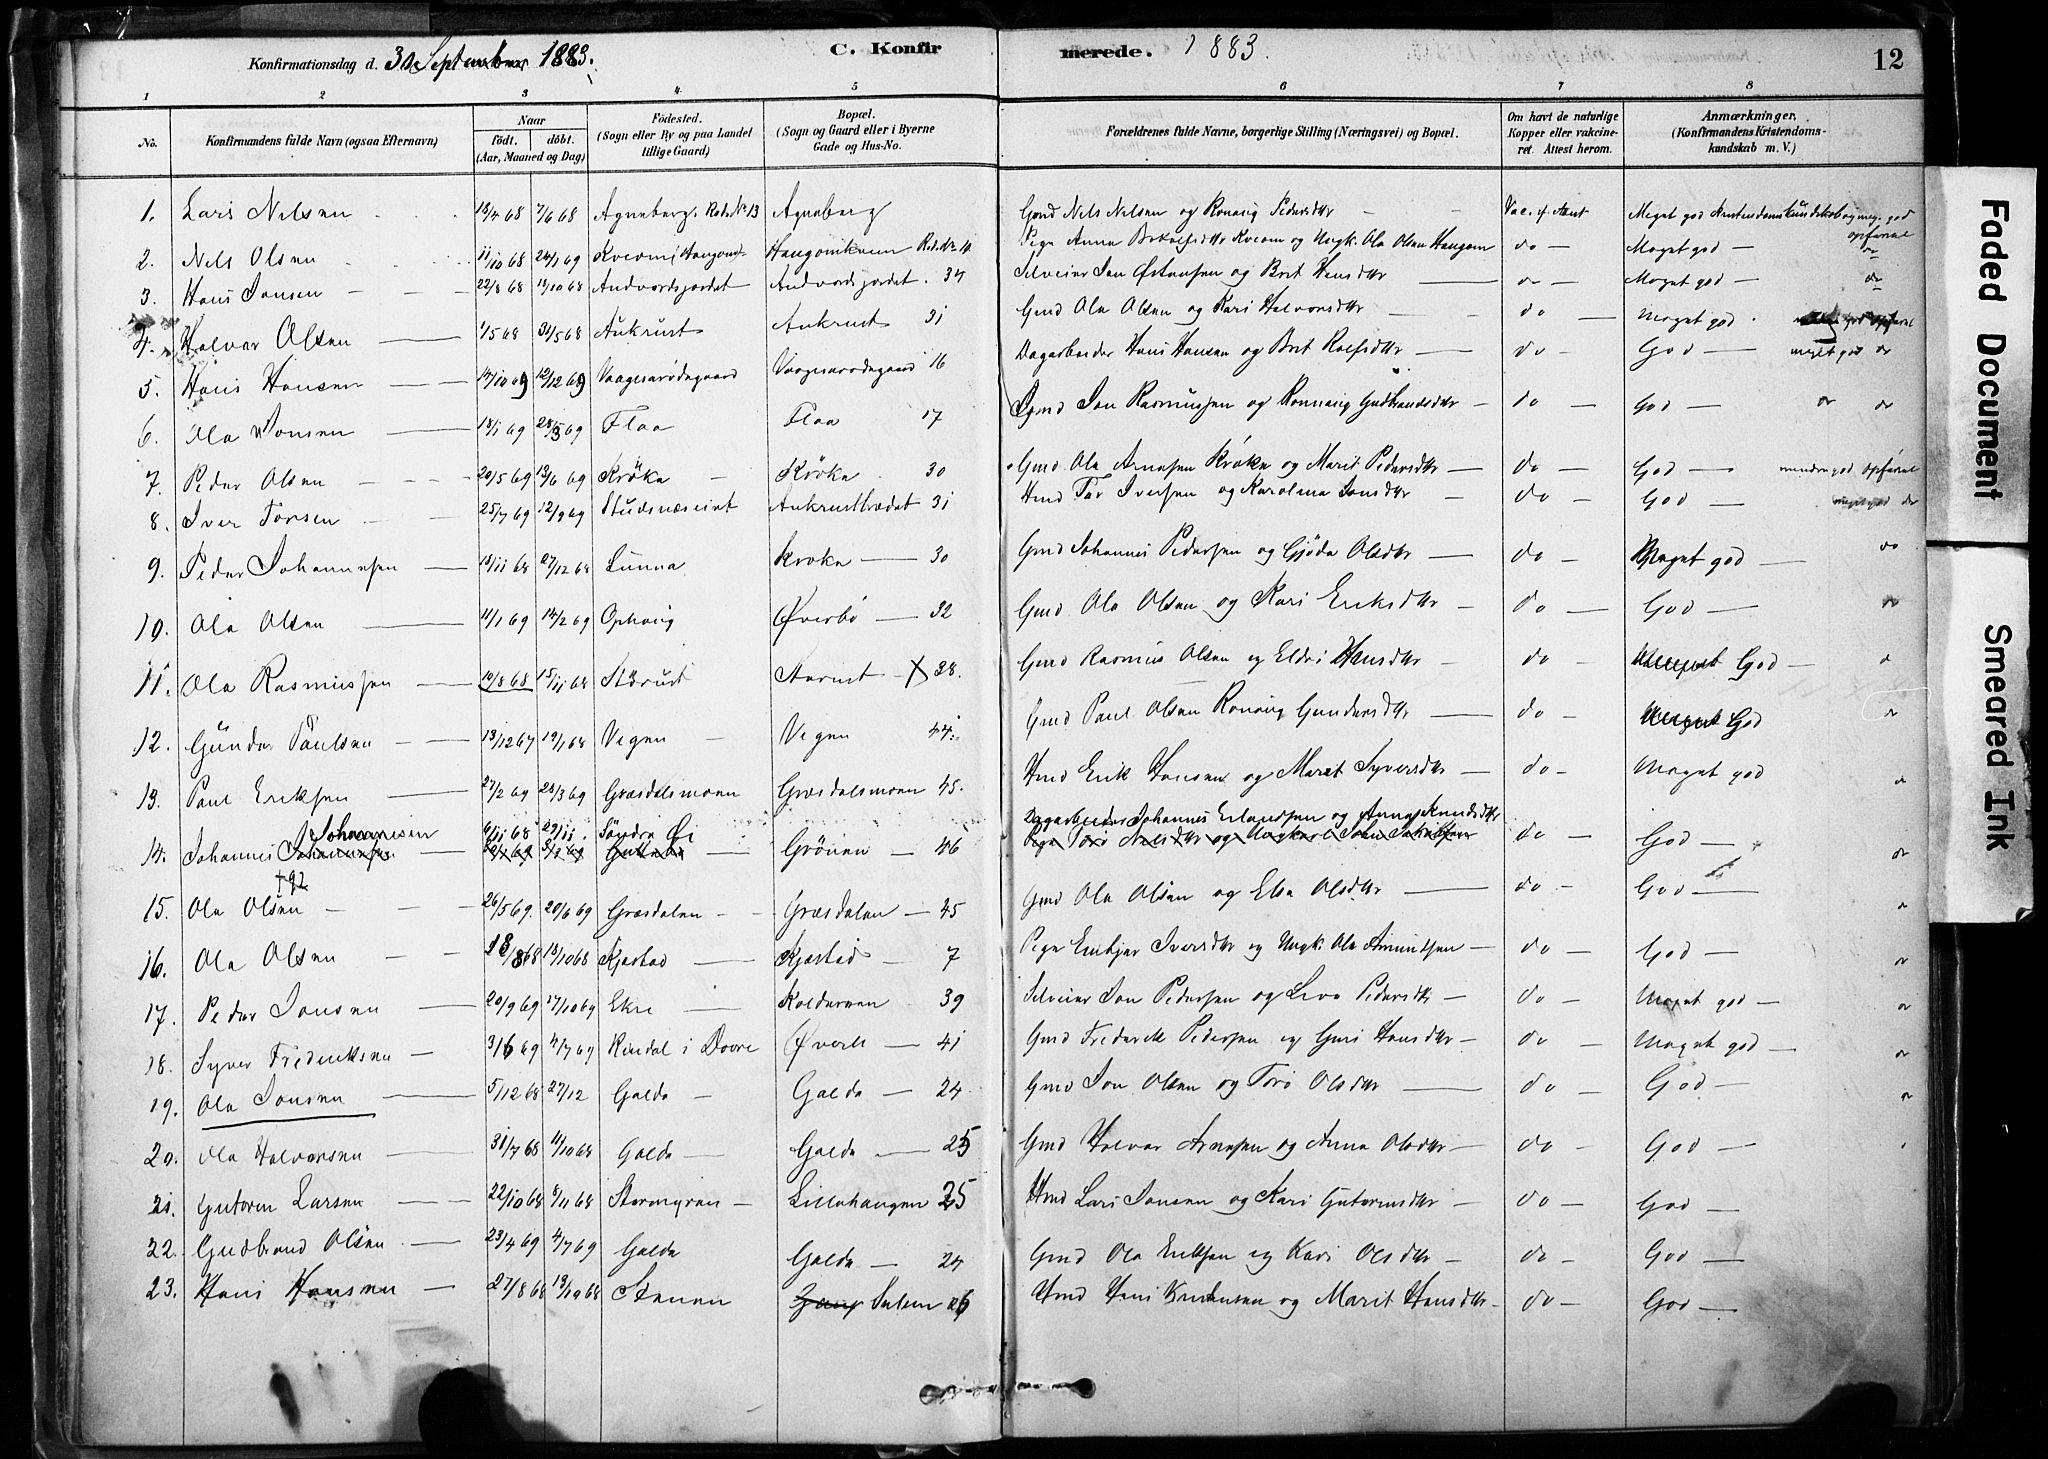 SAH, Lom prestekontor, K/L0009: Ministerialbok nr. 9, 1878-1907, s. 12